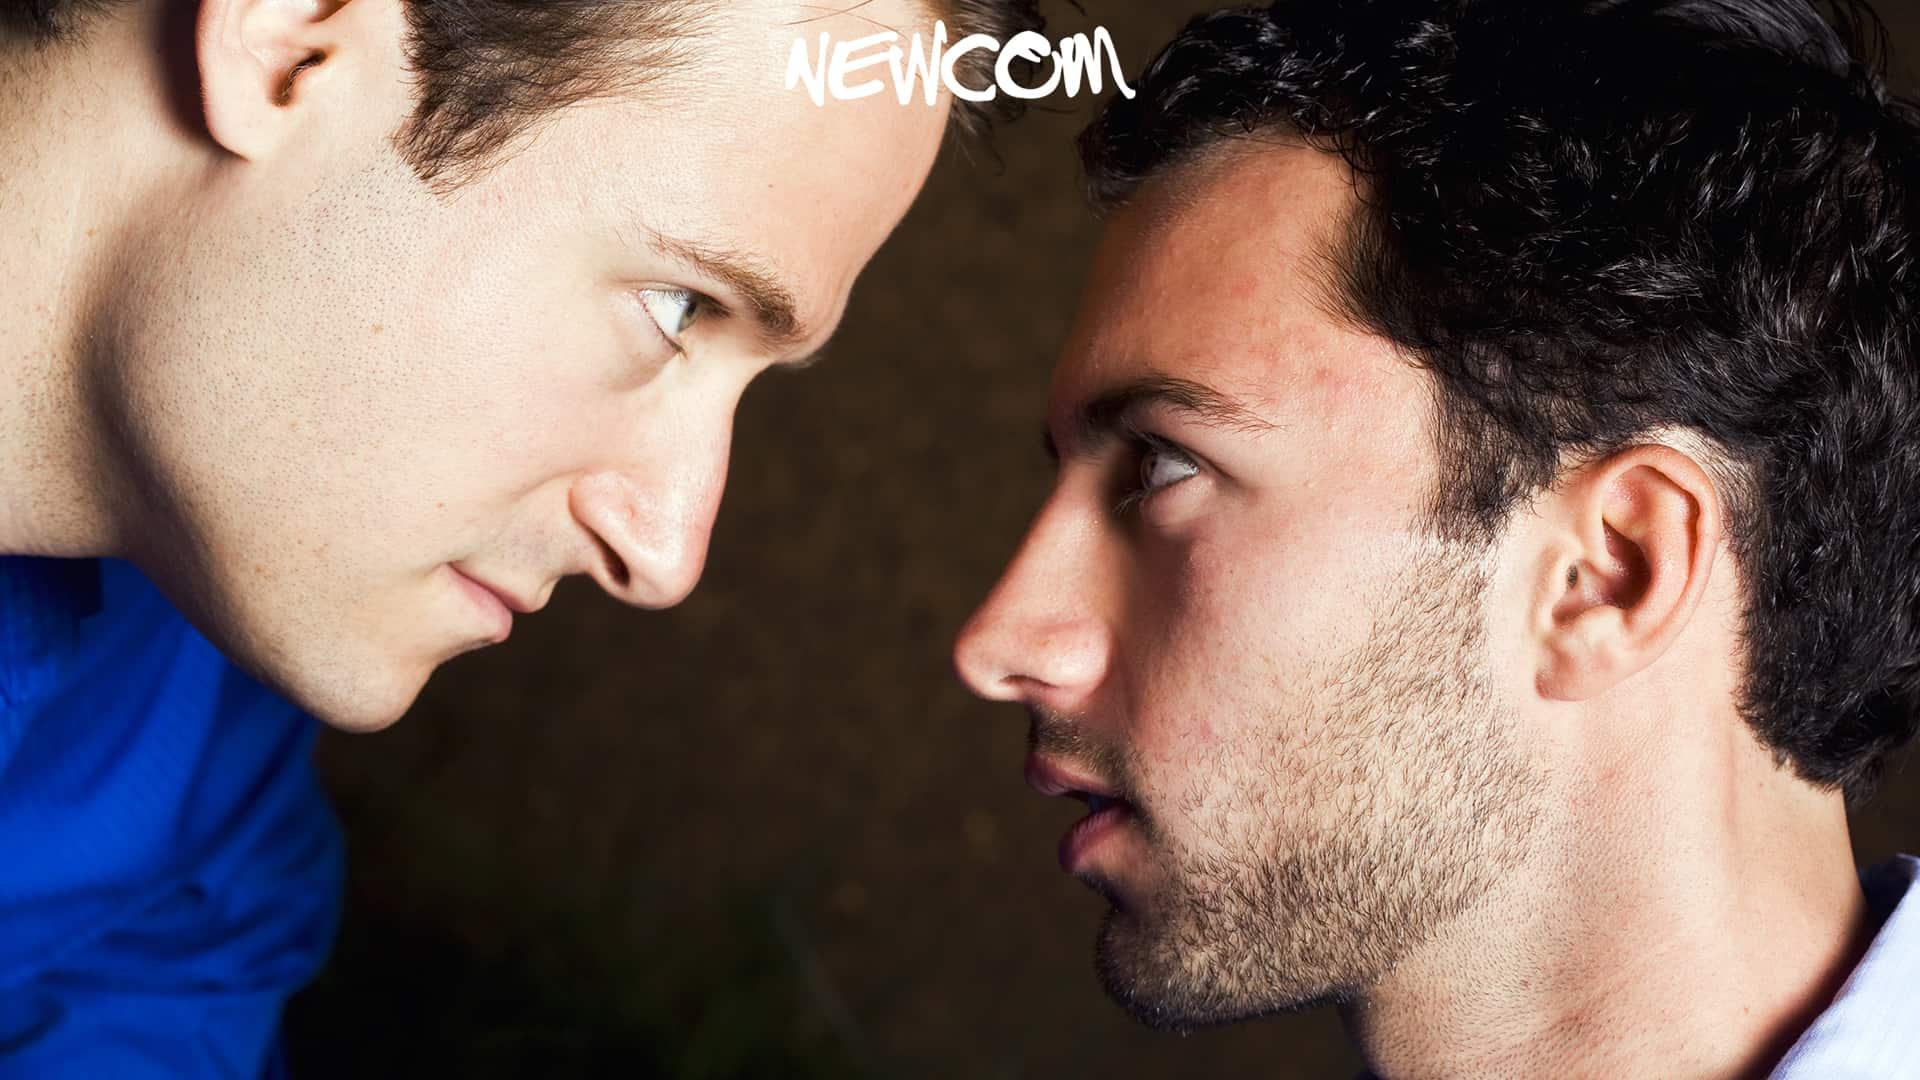 Newcom Consulting - Corsi - Conversazioni difficili - Thumb